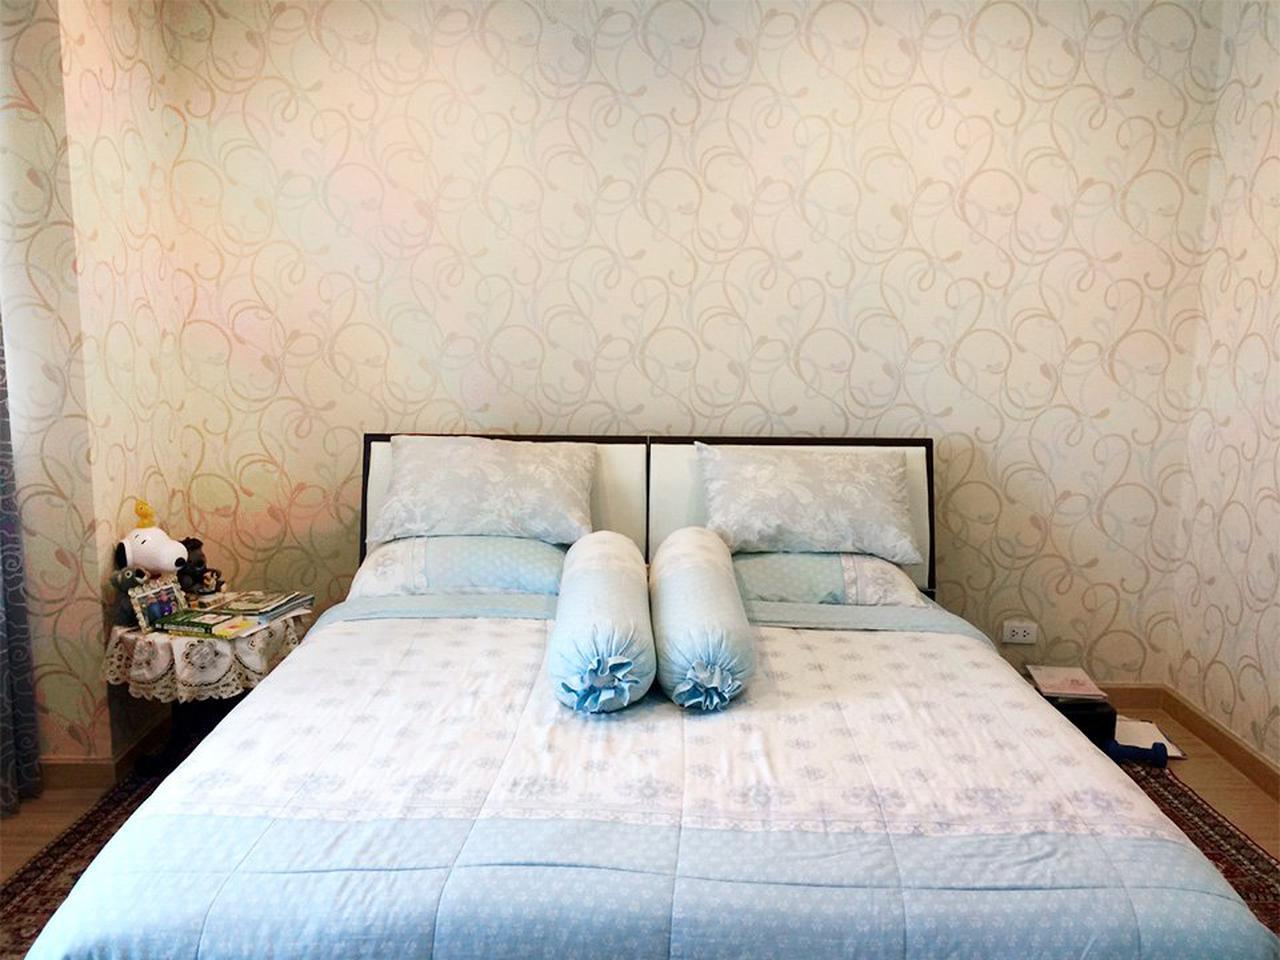 ขายบ้านทาวน์โฮม 2 ชั้น (หลังมุม) ราคาถูก ต่อรองได้ รูปที่ 1